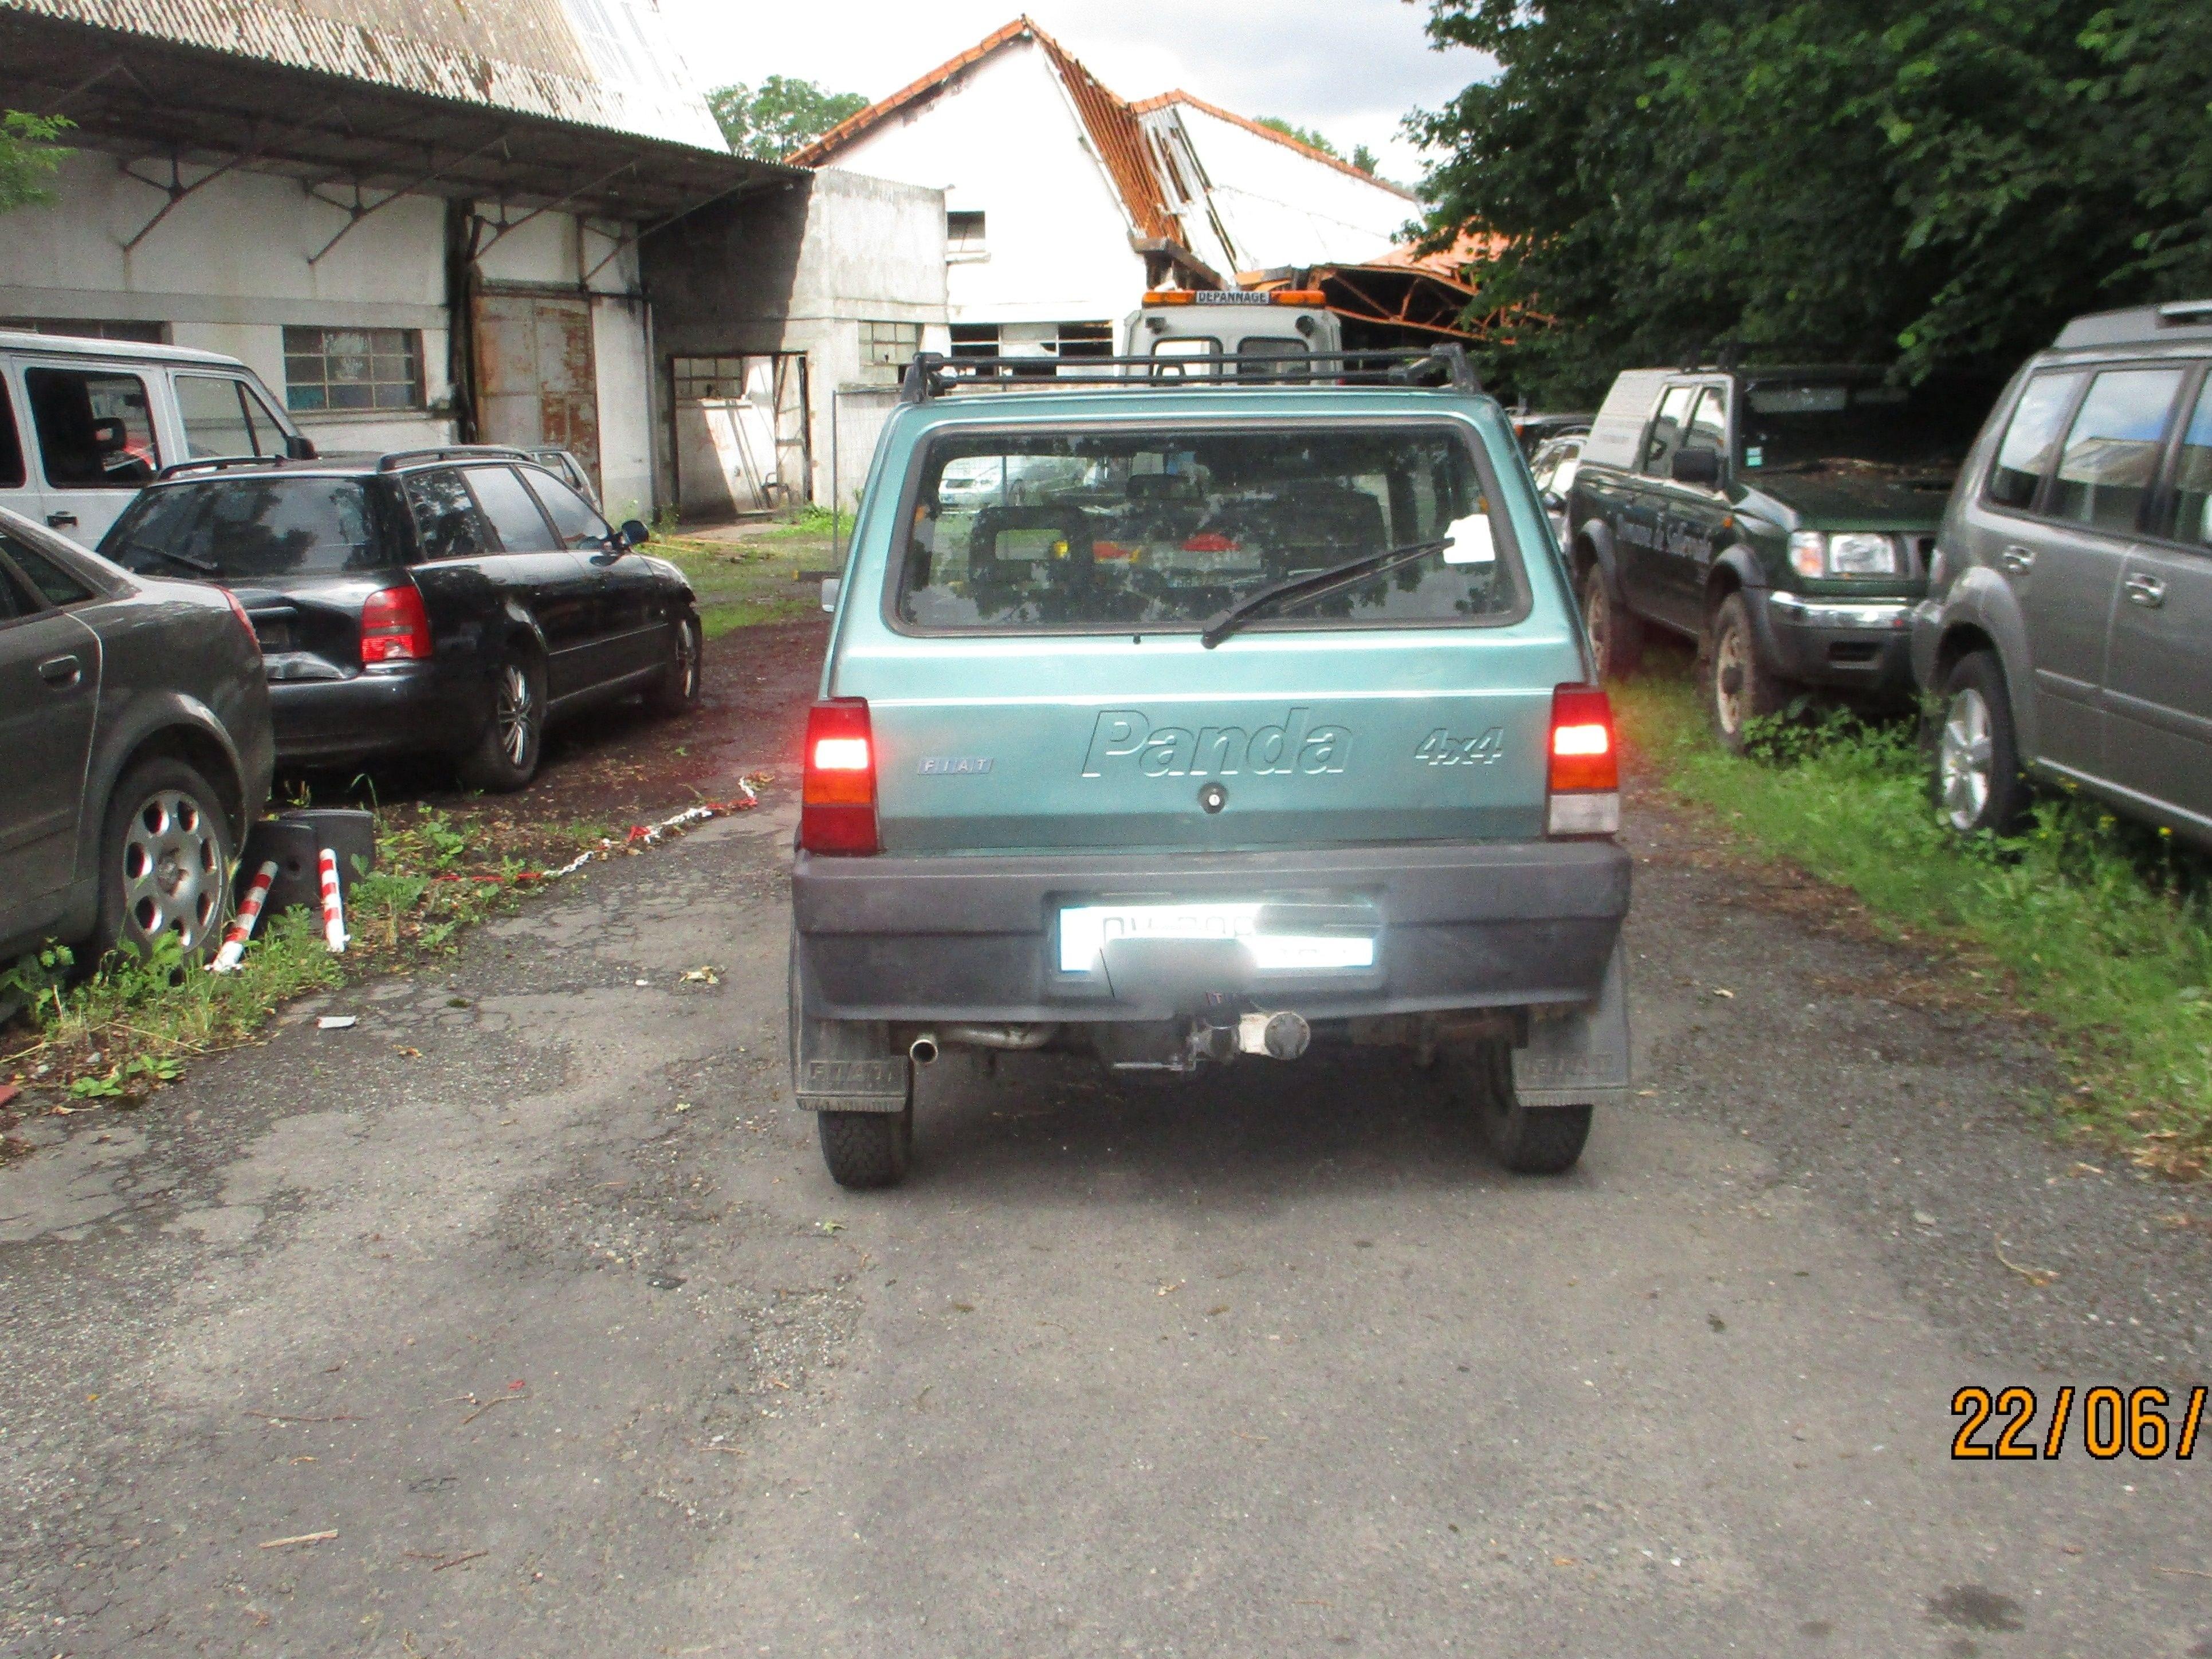 PANDA 4X4 1000 54 CV  COUNTRY CLUB